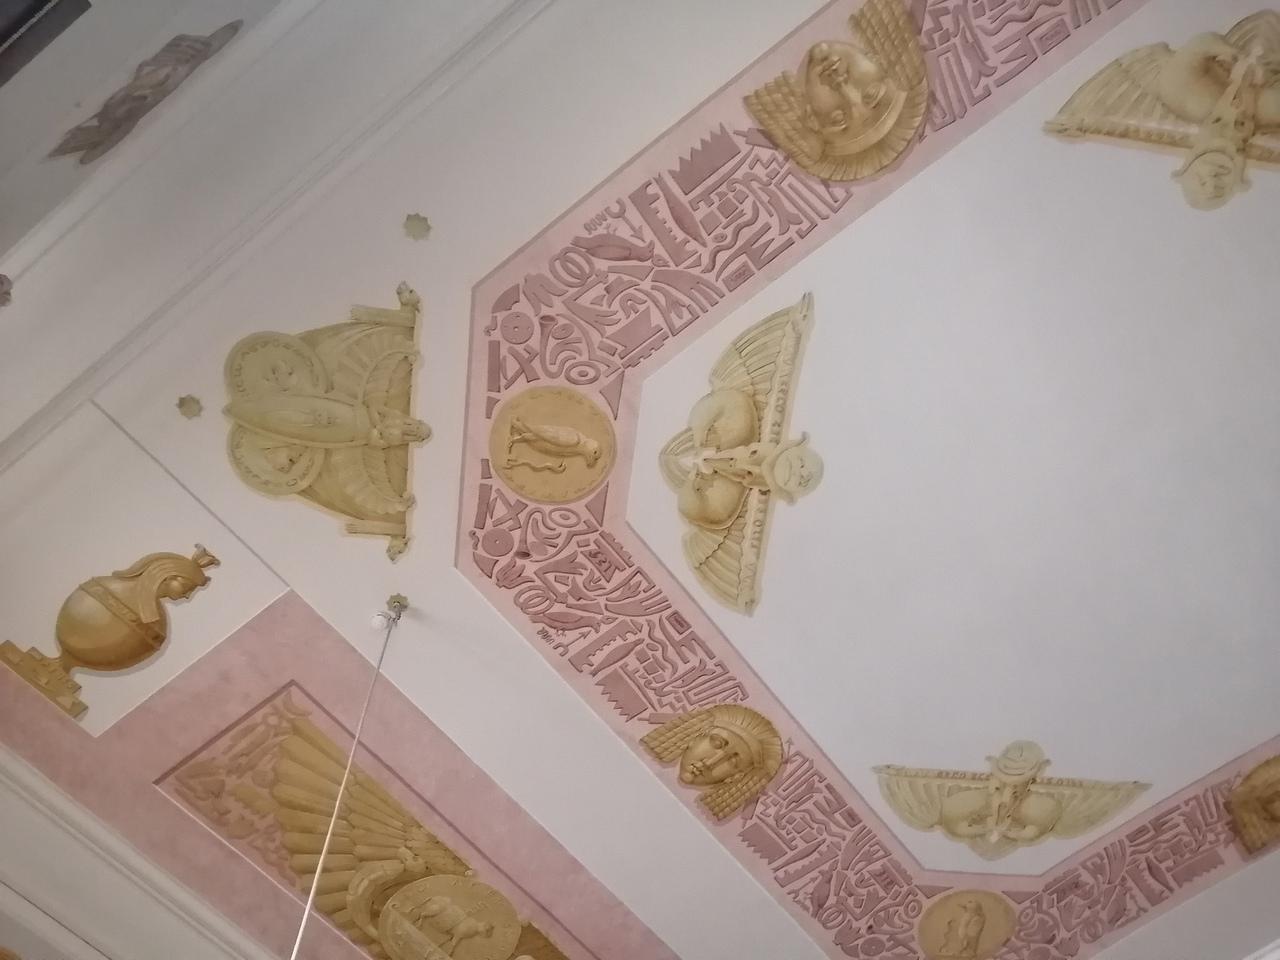 И лепнина, лепнина на потолке и стенах...